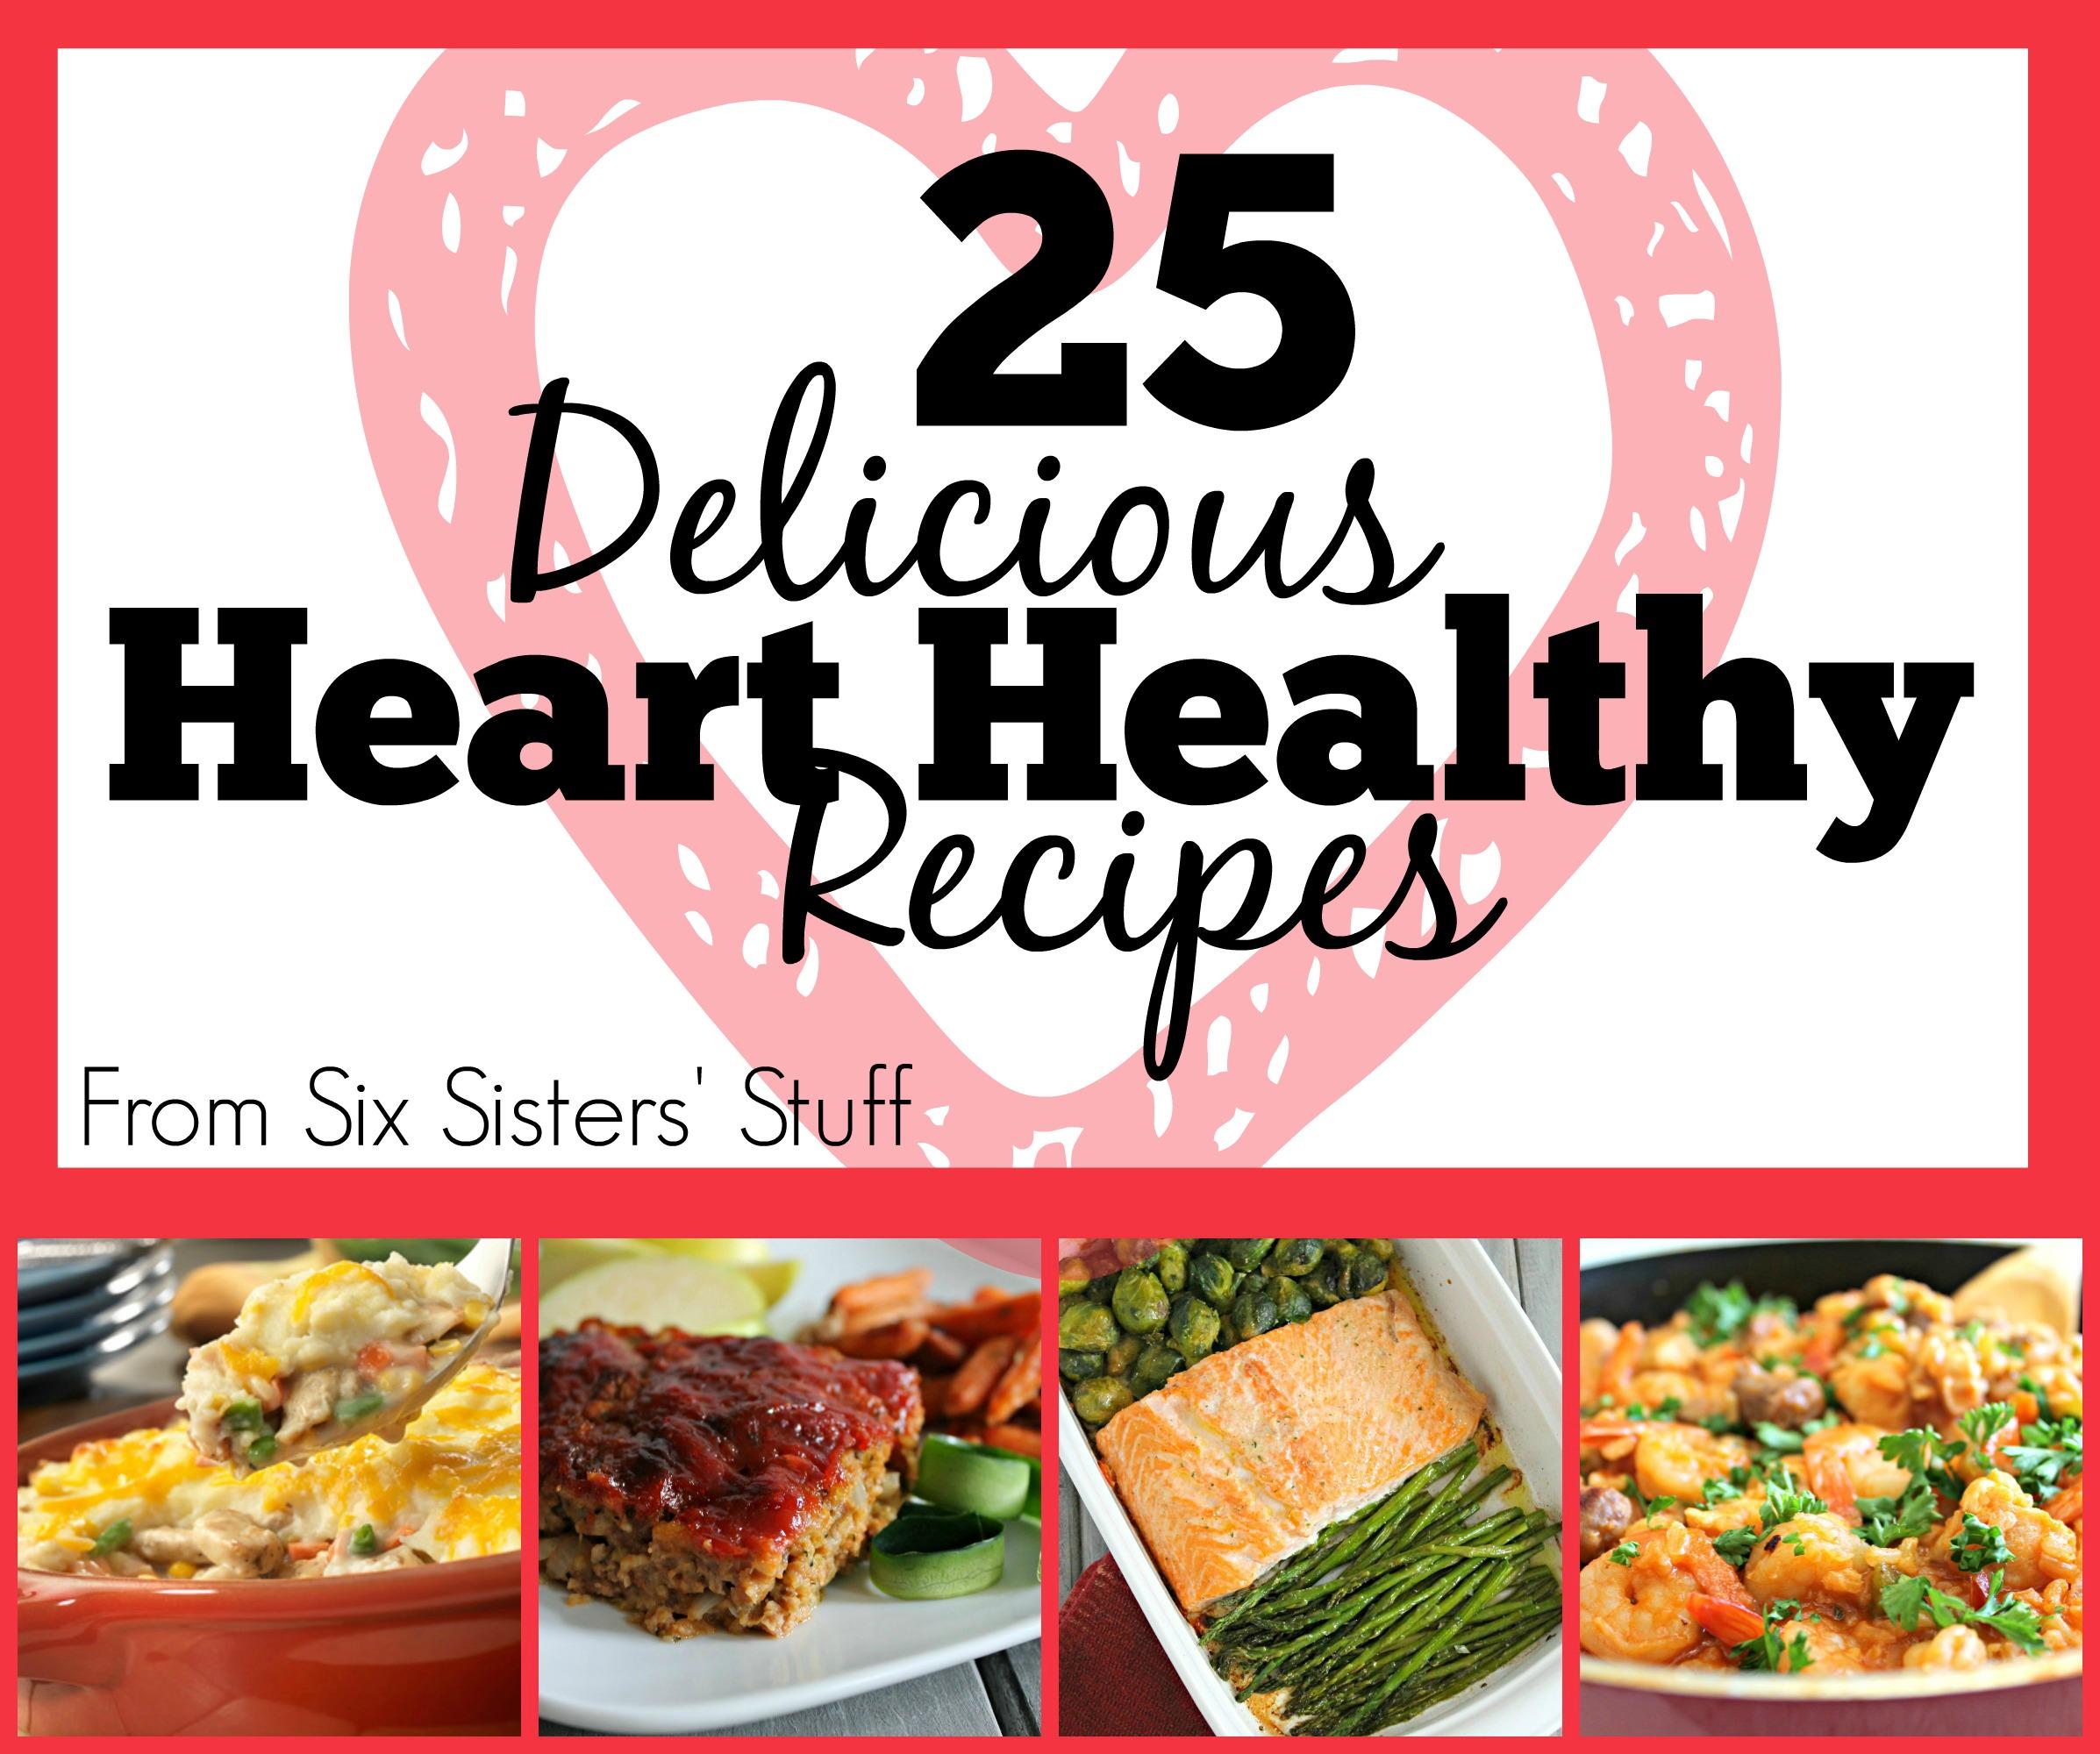 25 Delicious Heart-Healthy Recipes